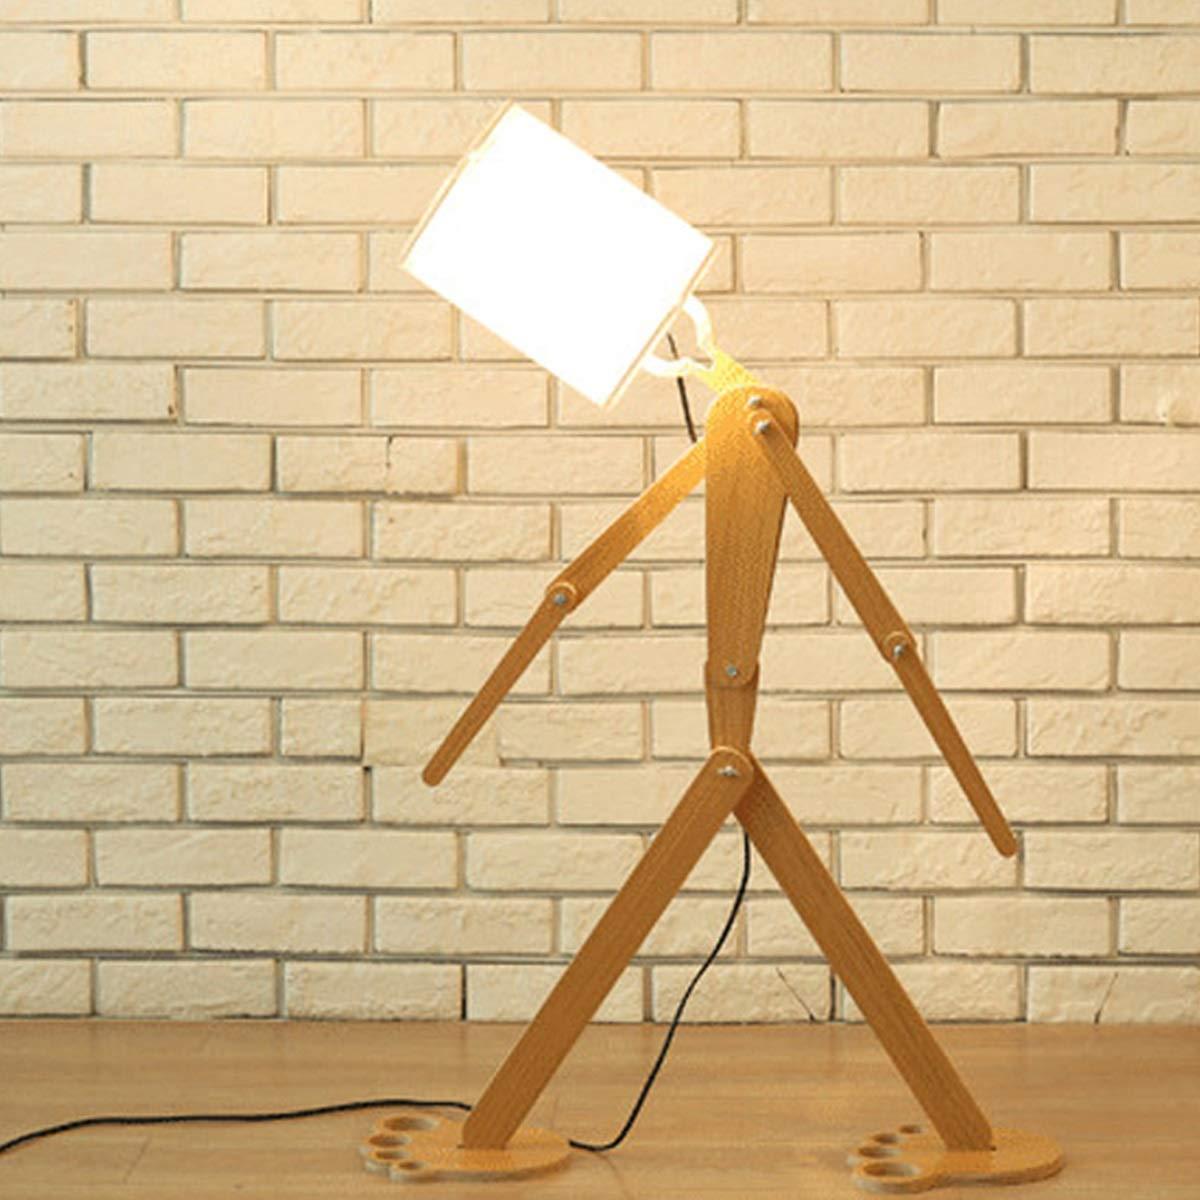 LED電球が付いている居間の寝室のための床ランプ調節可能な形LEDの床ランプ。 (色 : 白) B07P9WR7NR 白